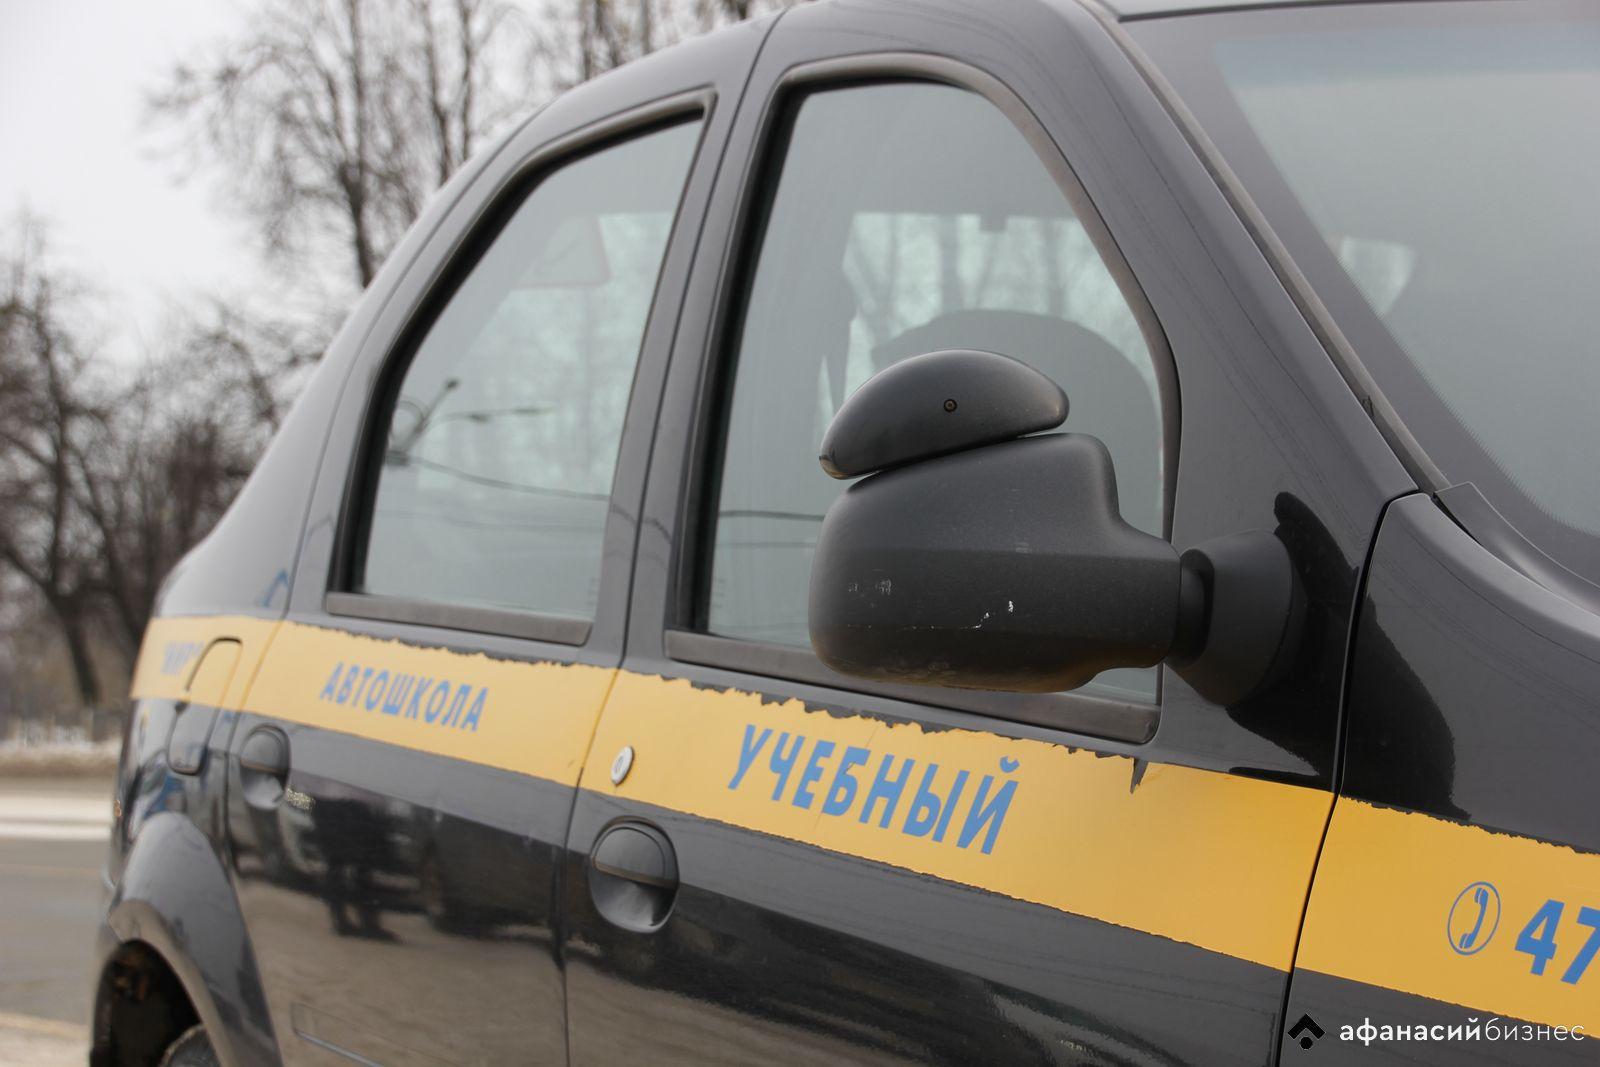 Глава ГИБДД: в школы нужно вернуть уроки вождения - новости Афанасий